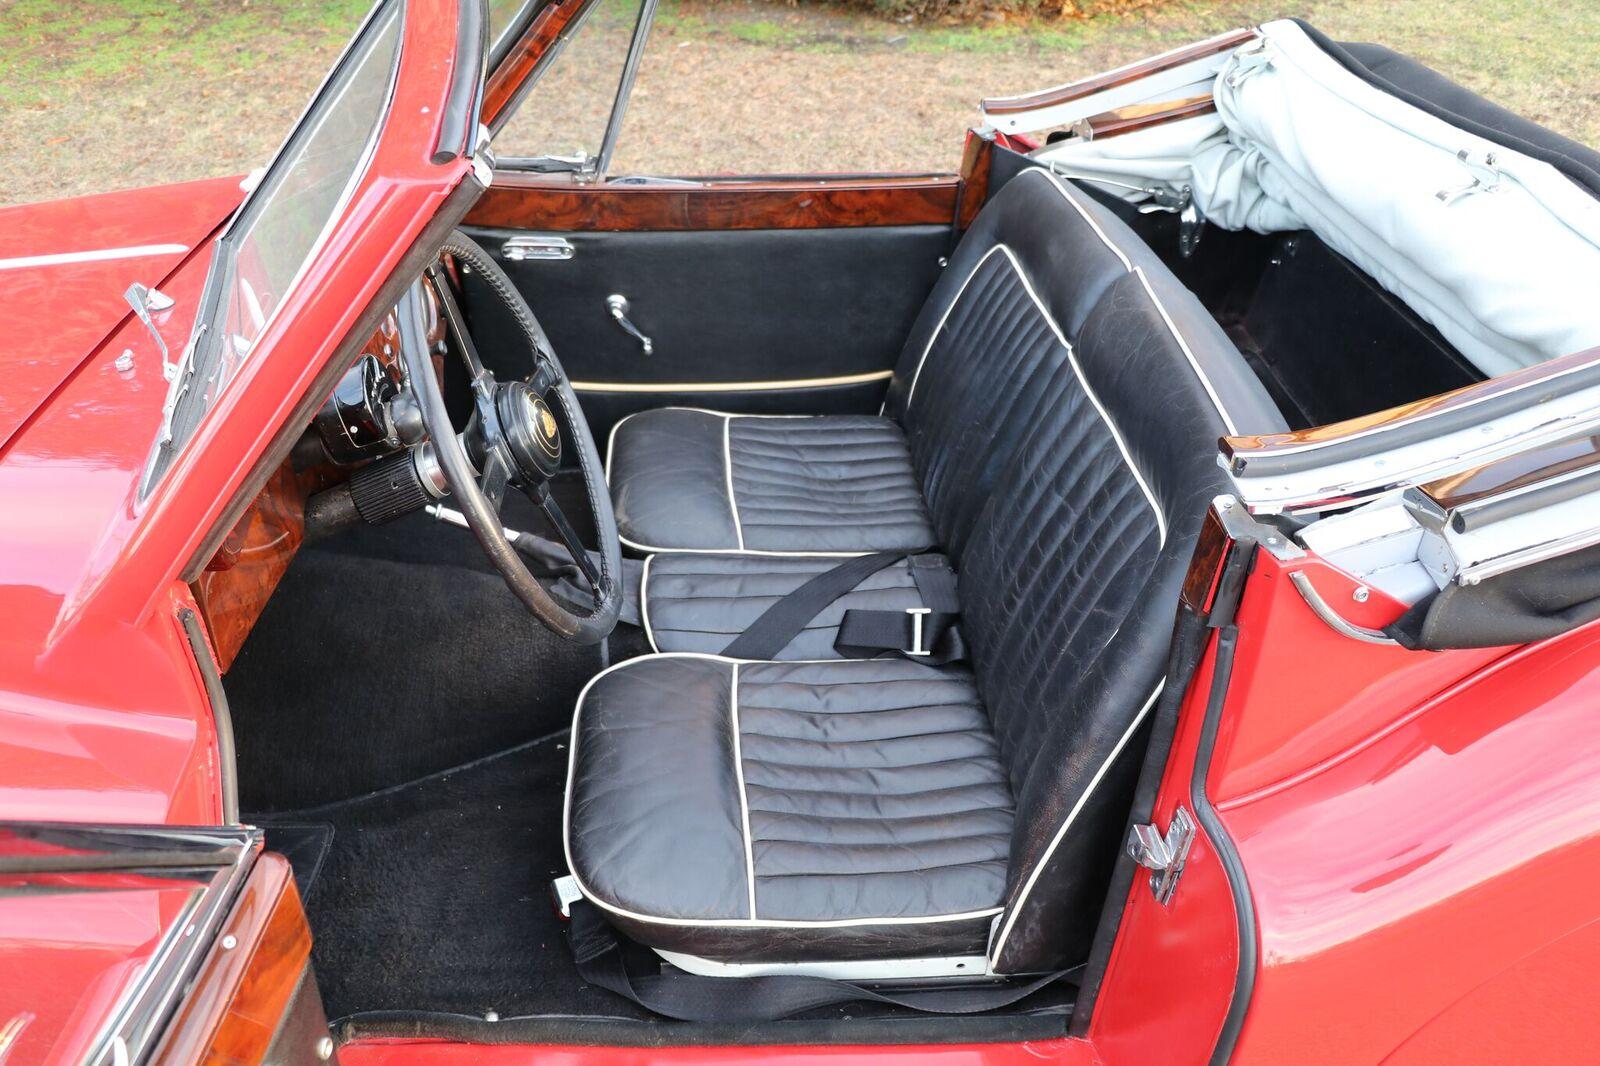 # 22164 1957 Jaguar XK150 Red (24)_preview